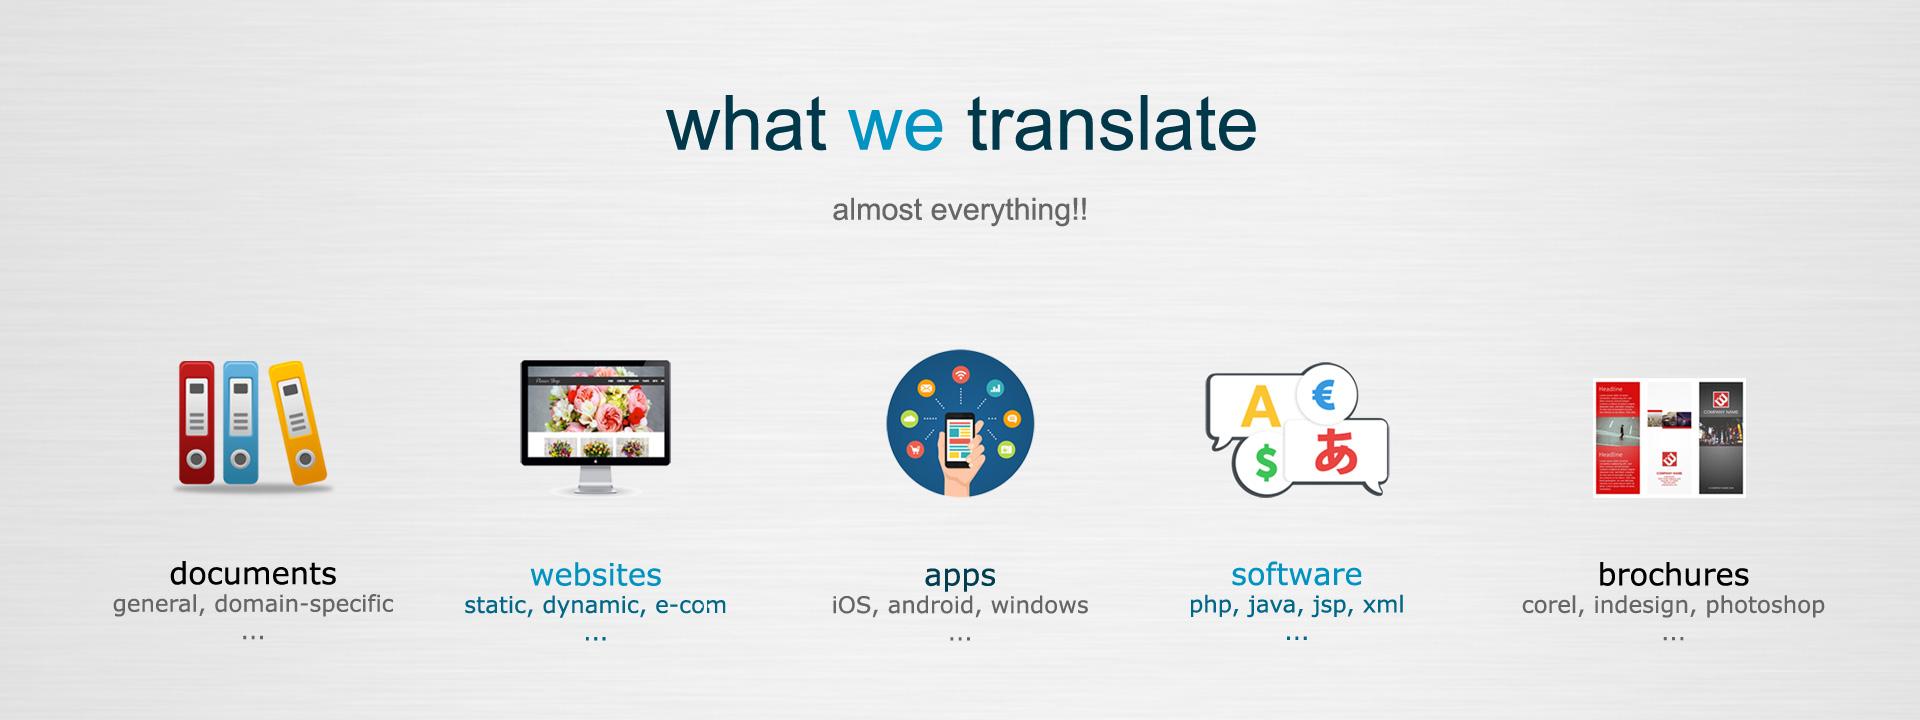 What We Translate